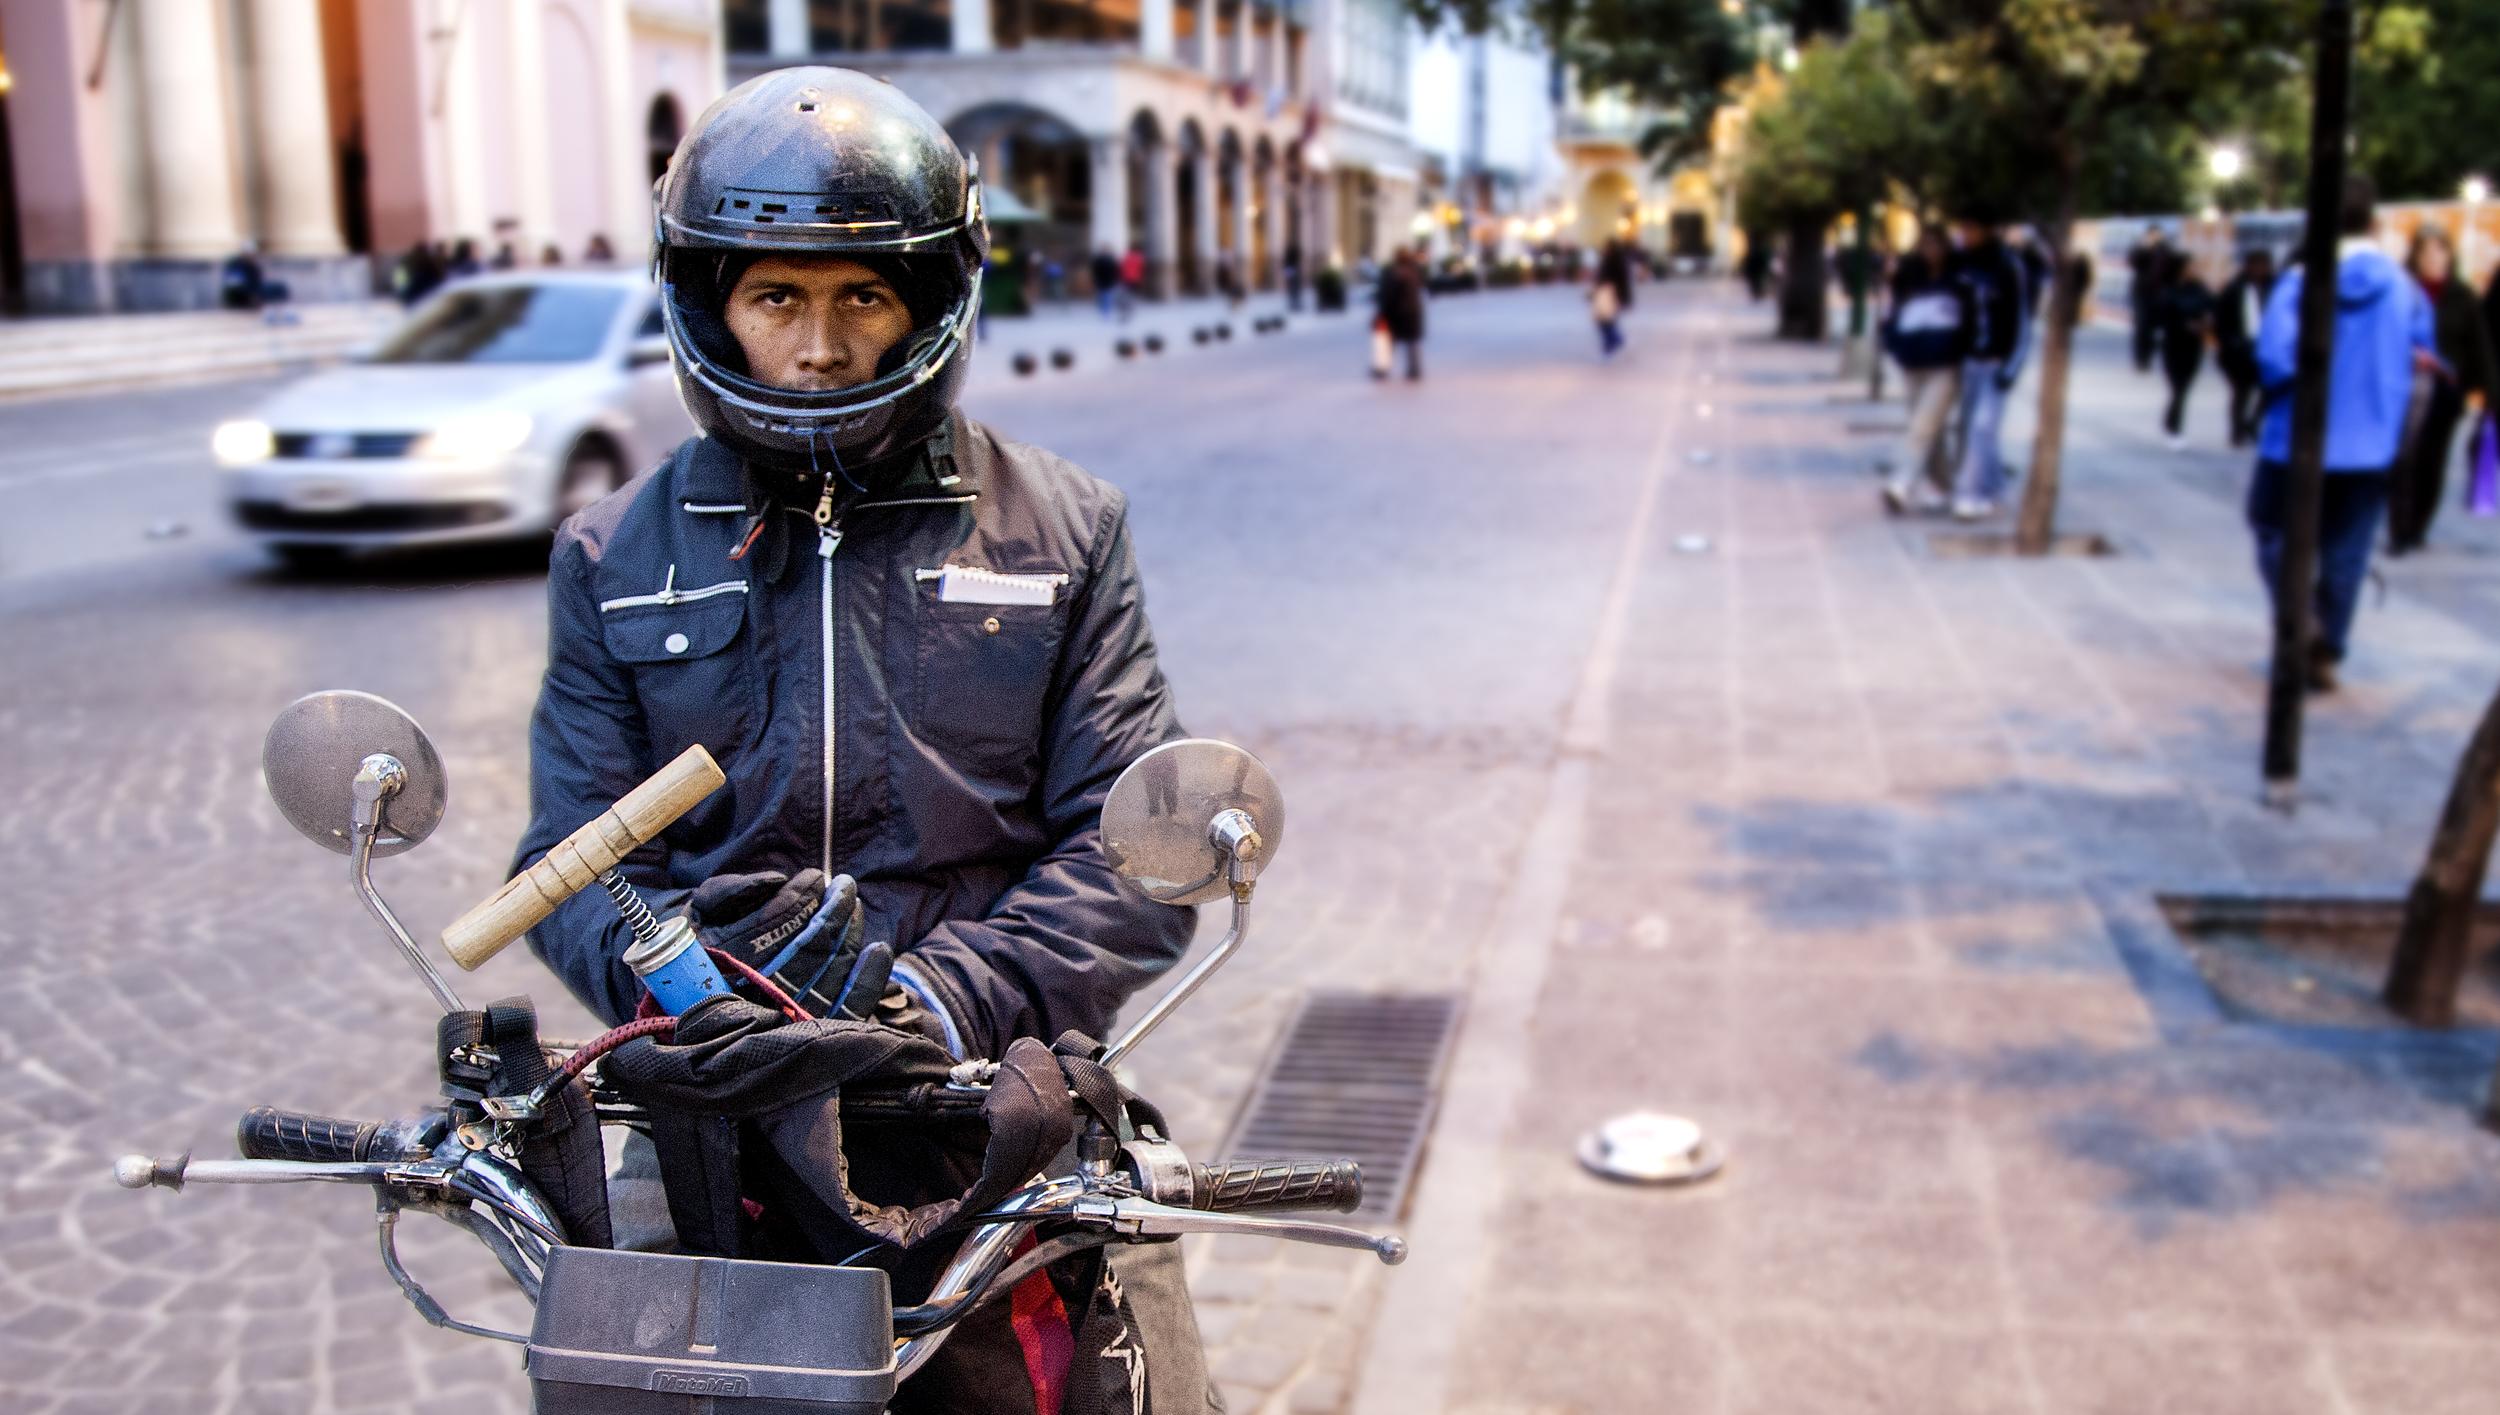 Hombre en moto.jpg